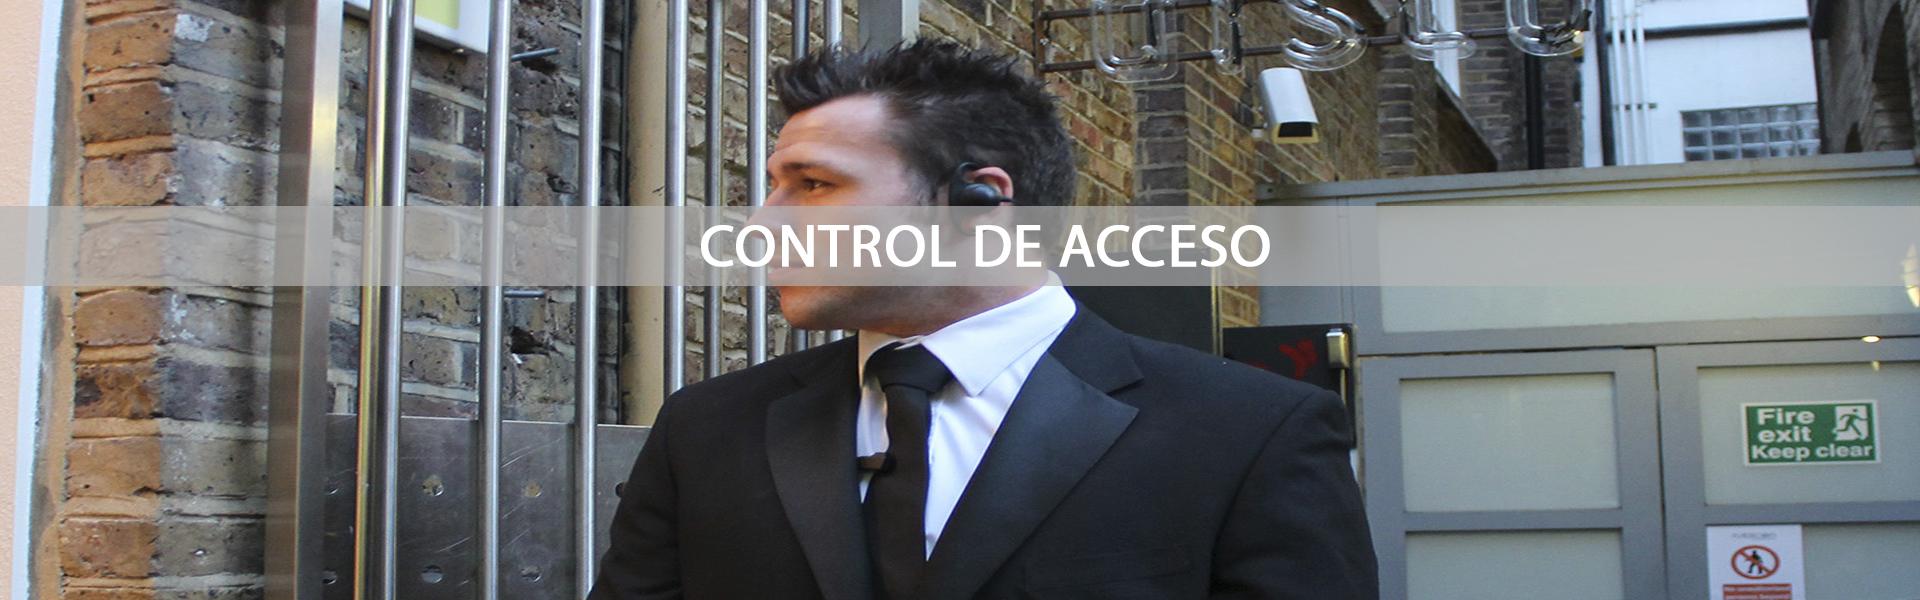 slider-control-acceso-1